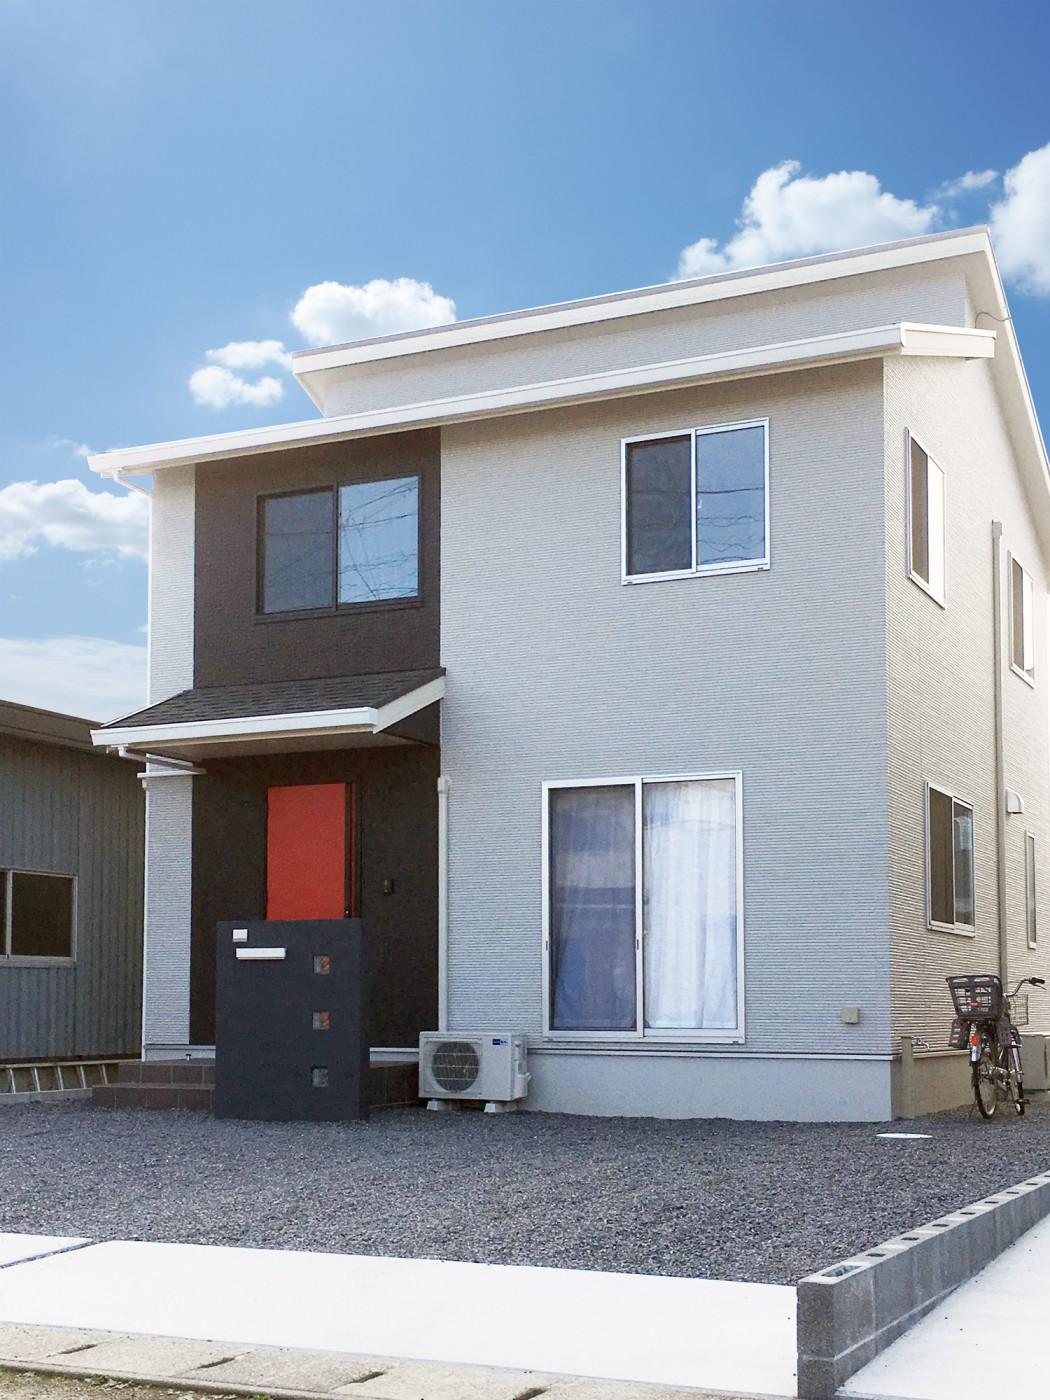 24Bプラン|赤い玄関ドアがアクセントの外観